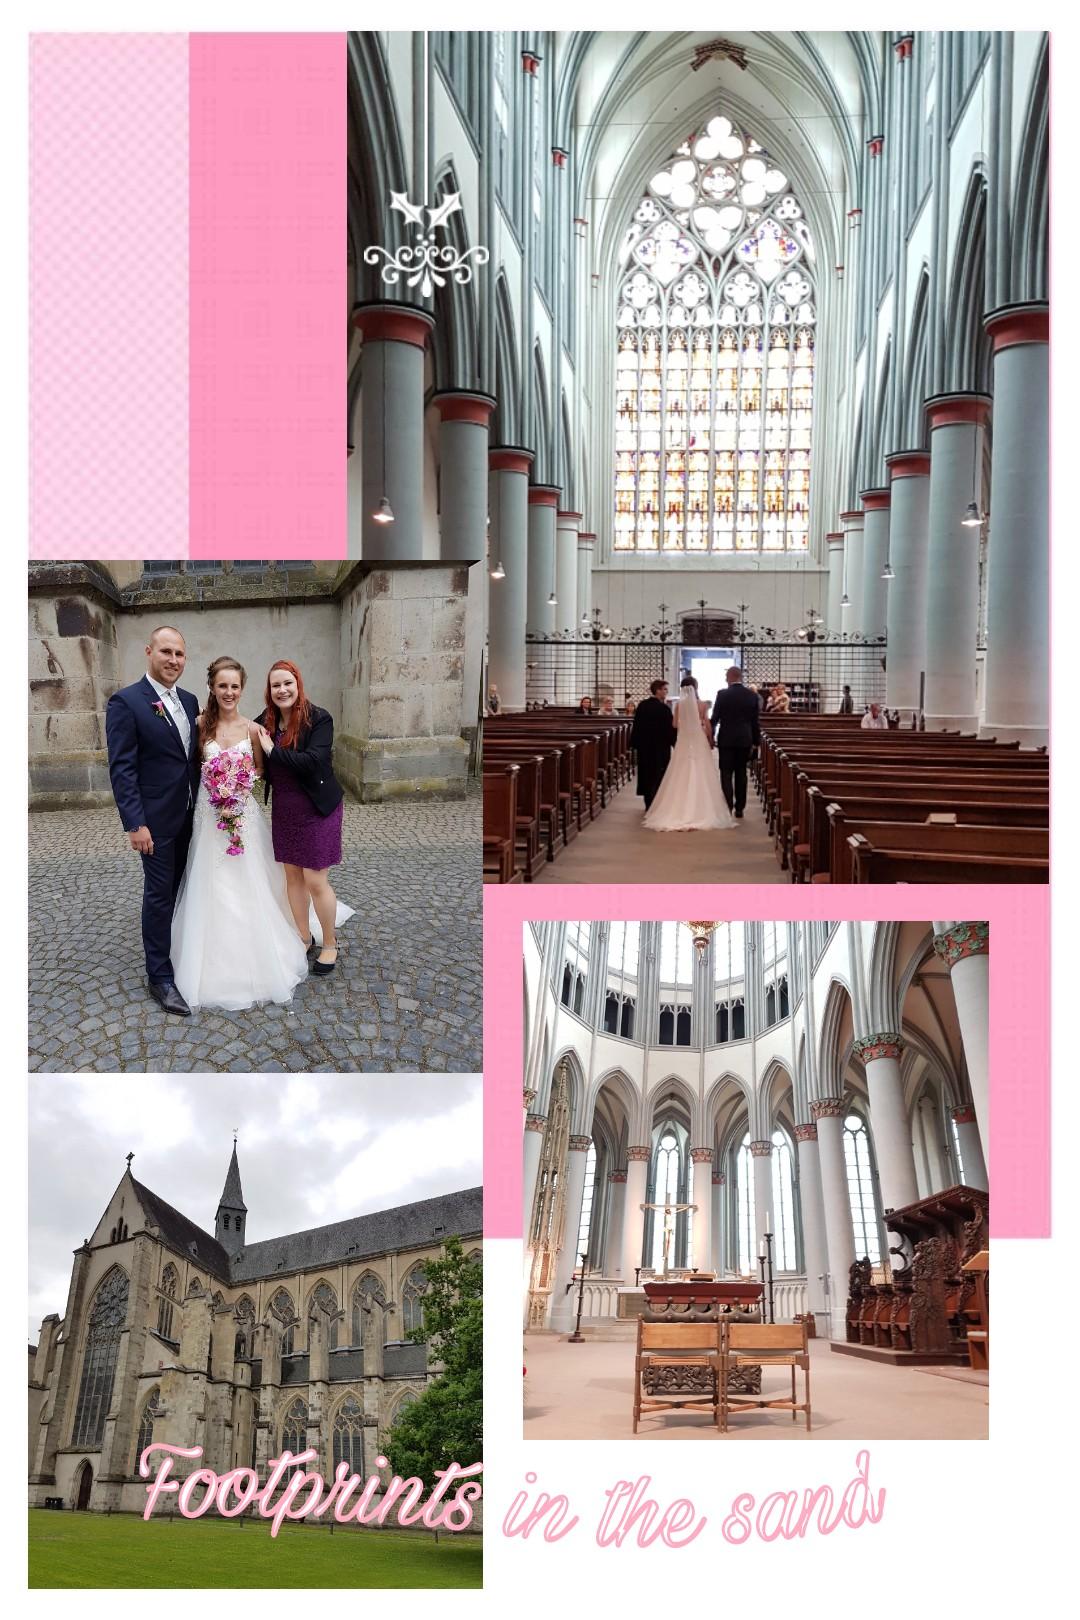 Hochzeitssängerin im Altenberger Dom - Gabriele-Golsch - Hochzeit, Taufe, Beerdigung - Altenberger Dom - Hochzeitssängerin Gabriele-Golsch - Hochzeit, Taufe, Beerdigung - Altenberger Dom